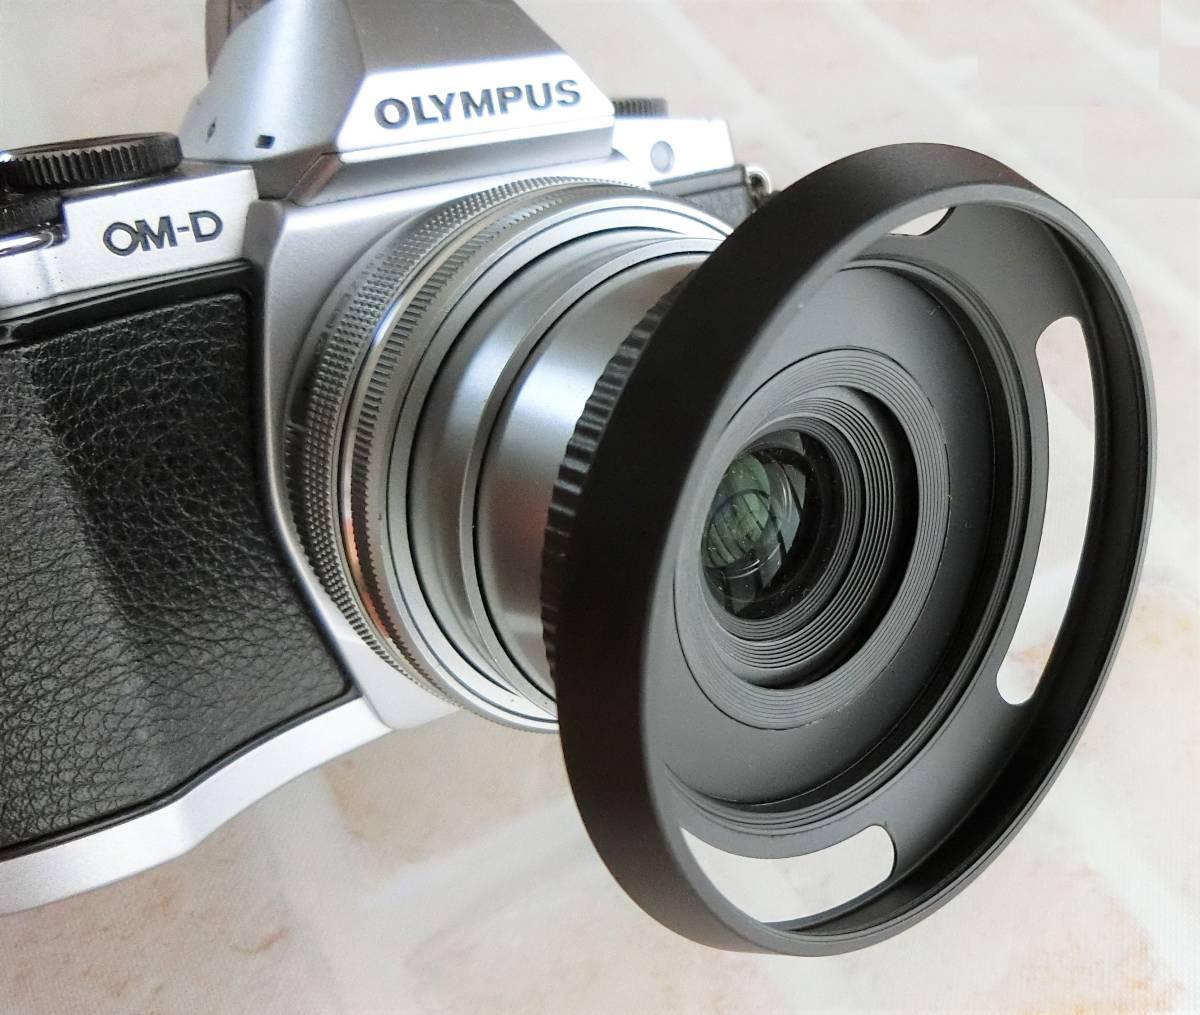 【新品/送料185円】OLYMPAS 黒 フード付き 自動開閉式レンズキャップ LC-37C-20 オリンパス E-M10 E-M5 E-M1 レンズ キャップ ブラック JJC_画像3